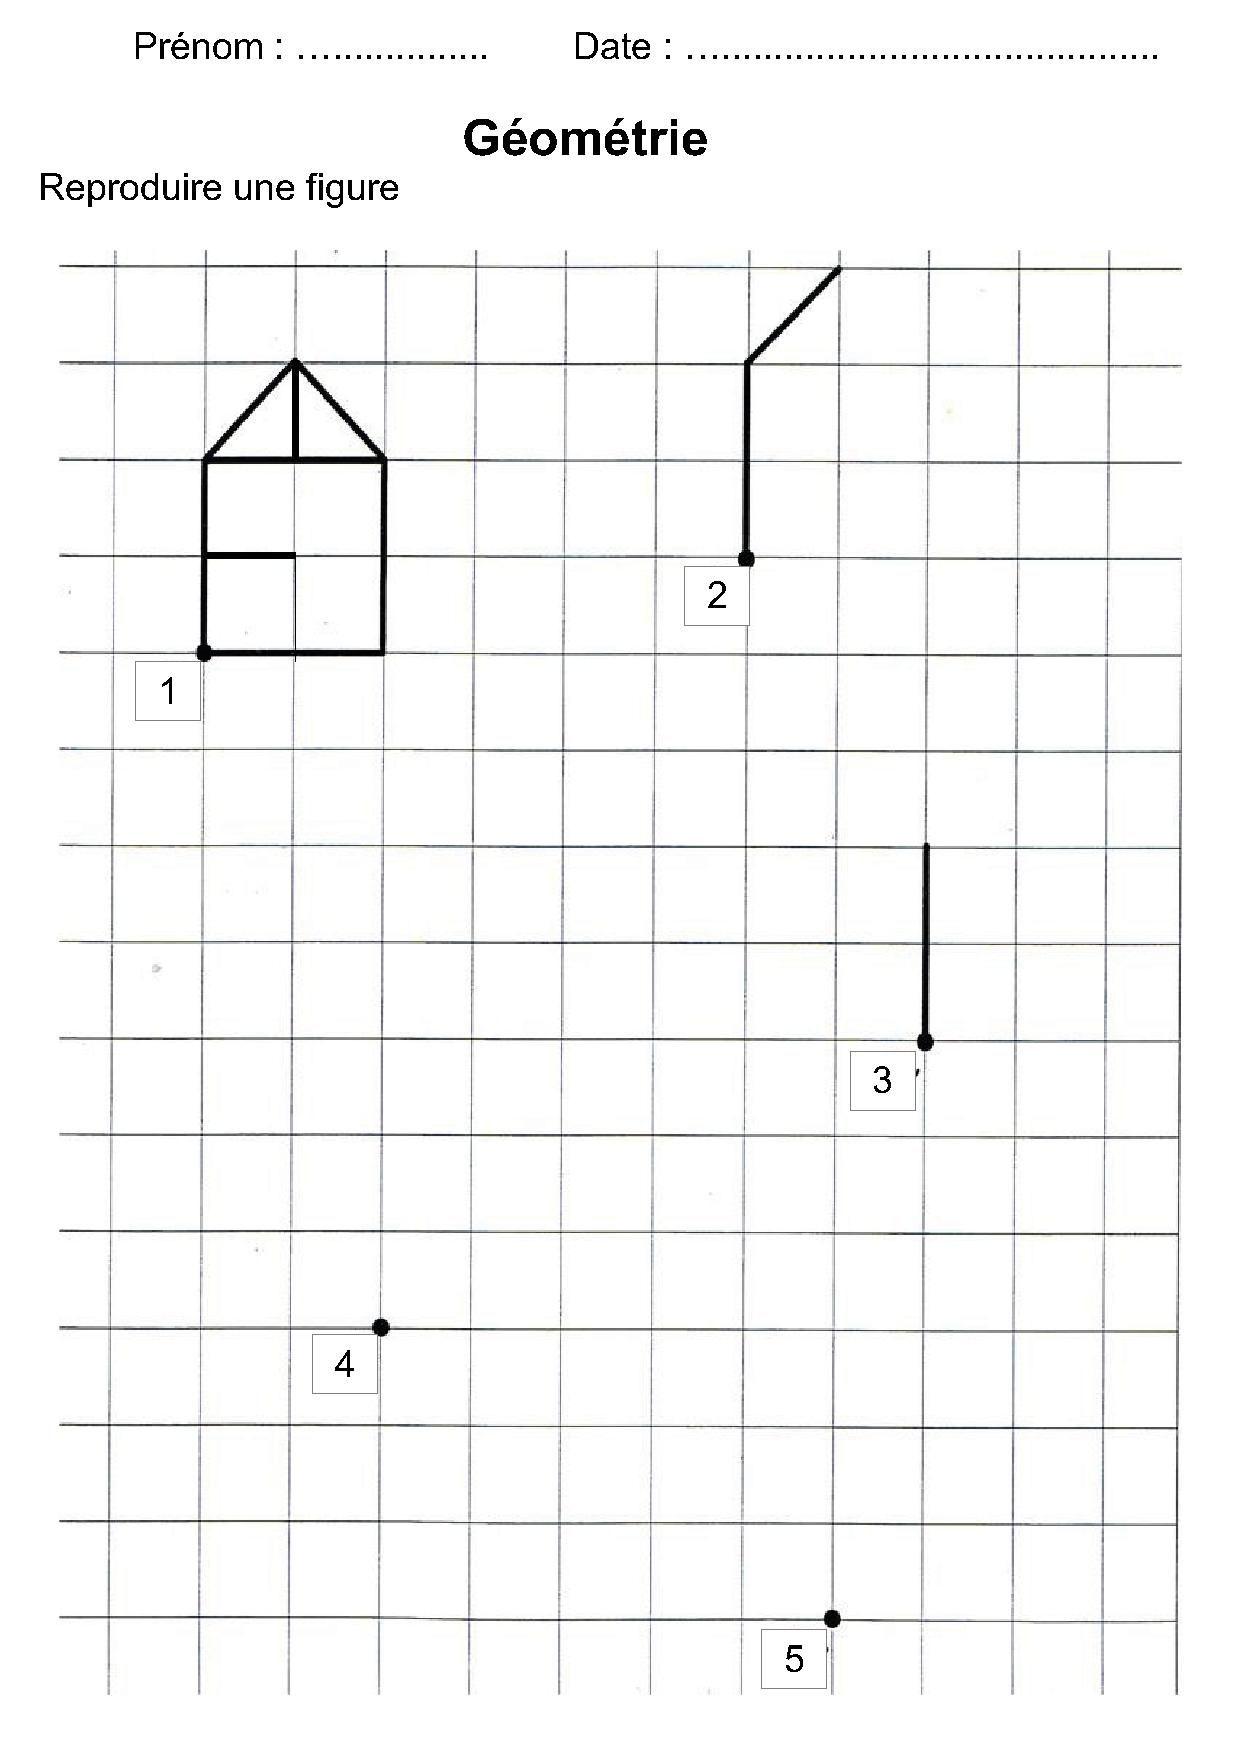 Épinglé Par Aurore Sur Cp Exo Mathématiques | Géométrie Ce1 pour Symétrie Ce1 Ce2